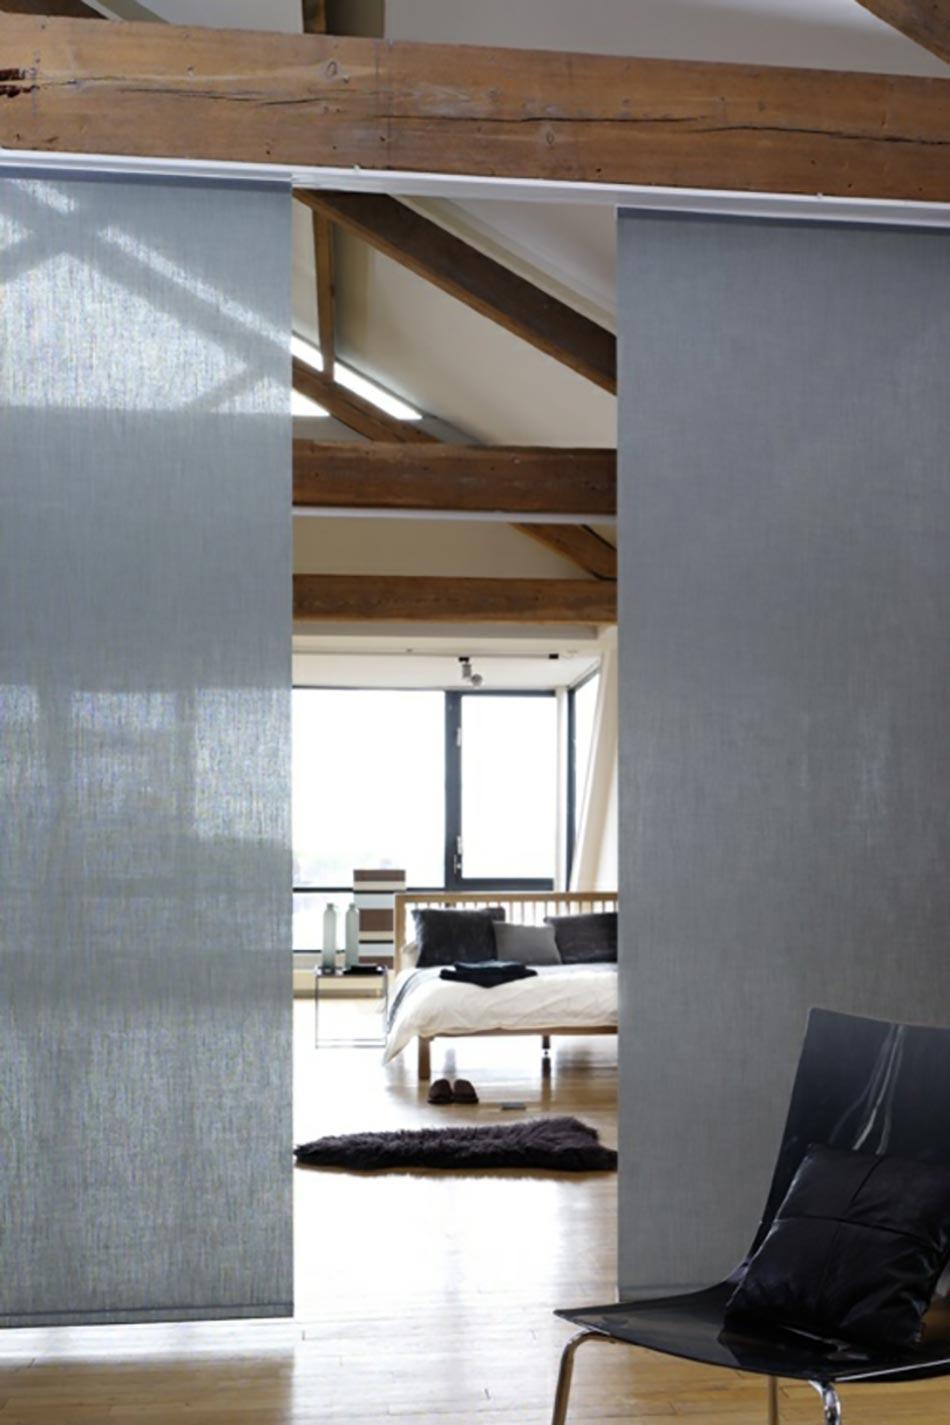 Panneaux japonais pour une ambiance d int rieur unique - Paneles para separar espacios ...